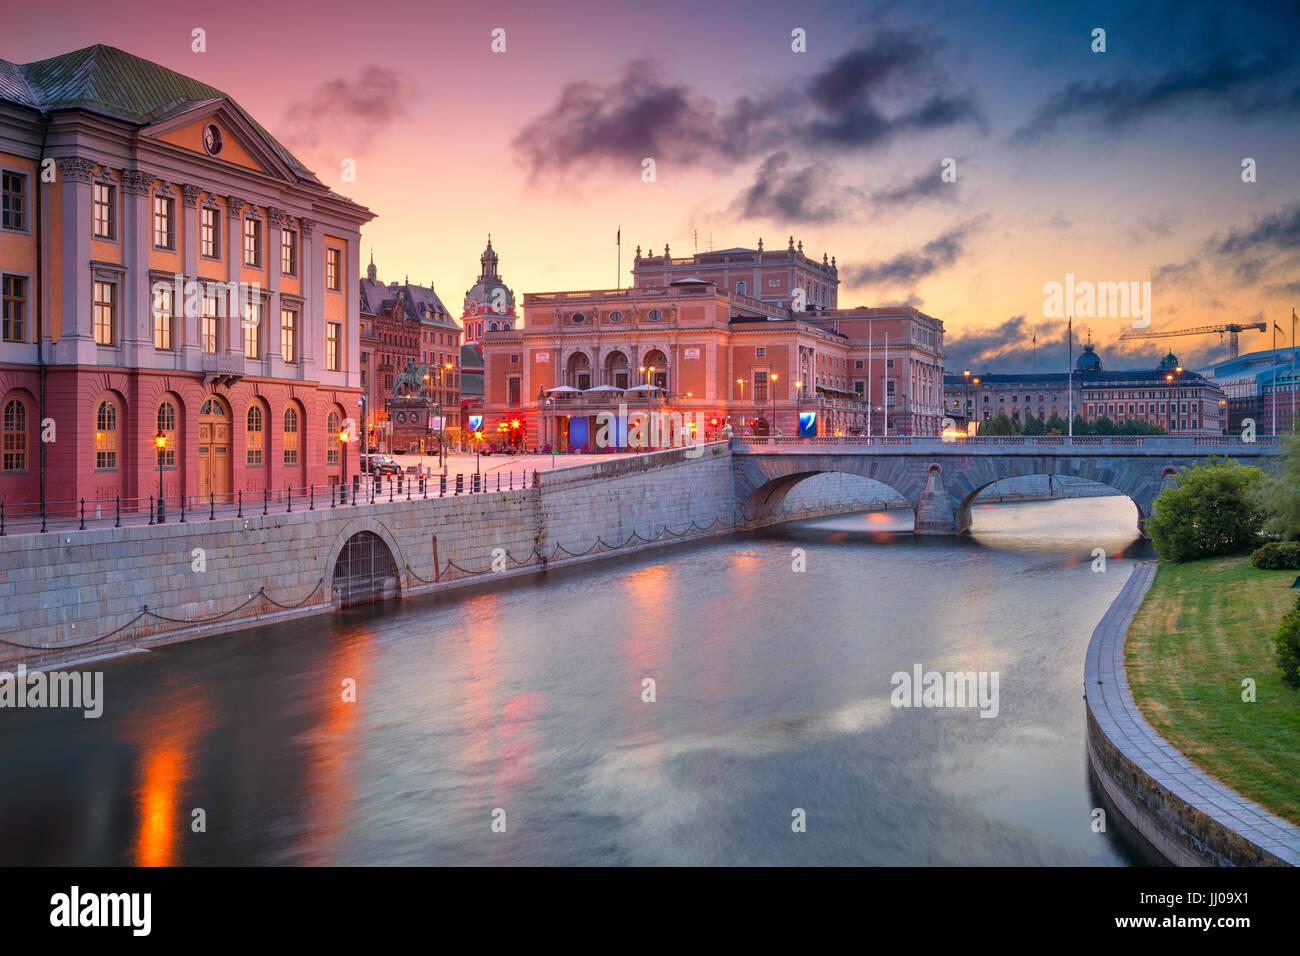 Stockholm. Das Bild der alten Stadt Stockholm, Schweden bei Sonnenaufgang. Stockbild